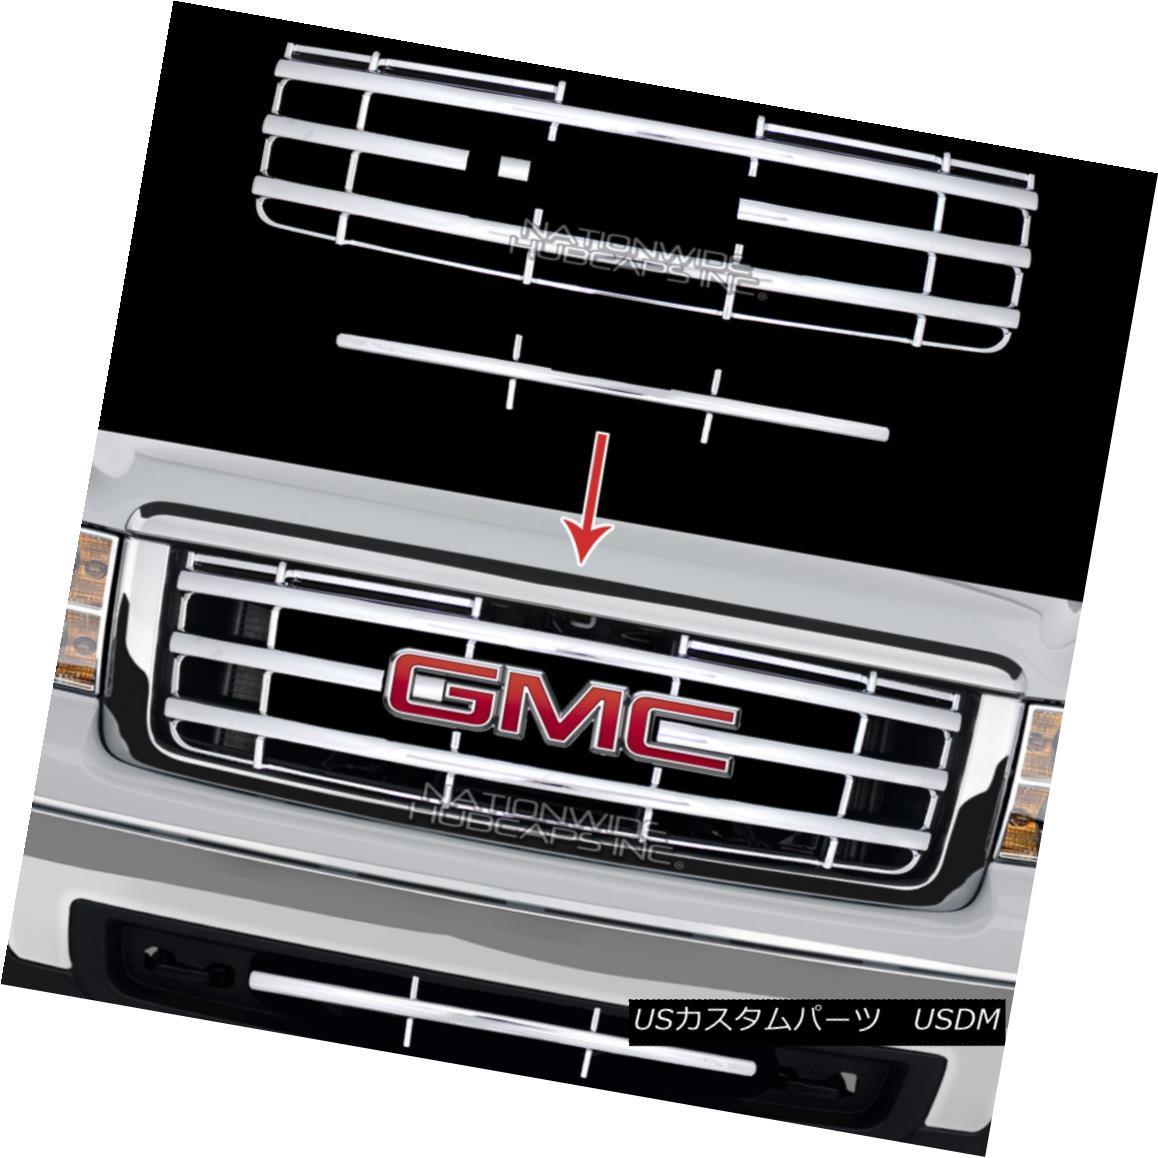 グリル New 07-13 GMC Sierra 1500 CHROME Snap On Grille Overlay Front Grill Cover Insert 新07-13 GMC Sierra 1500 CHROMEスナップオングリルオーバーレイフロントグリルカバーインサート